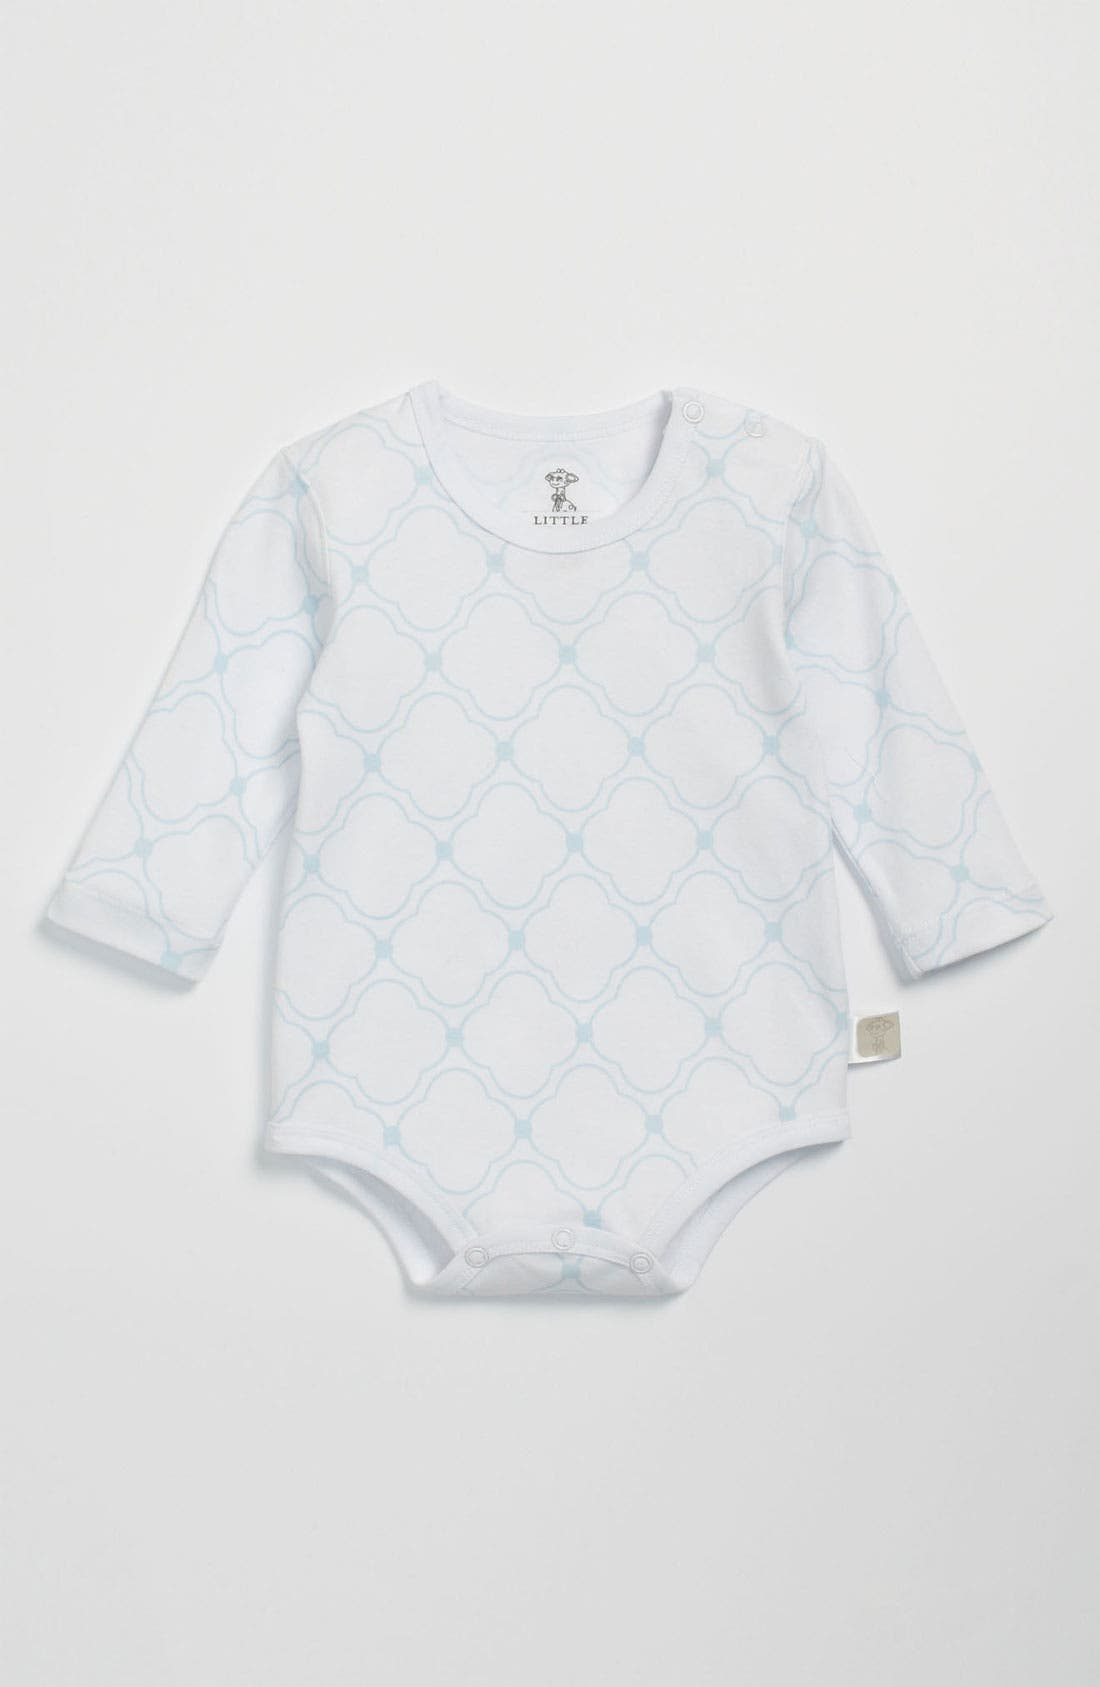 Alternate Image 1 Selected - Little Giraffe Long Sleeve Bodysuit (Infant)